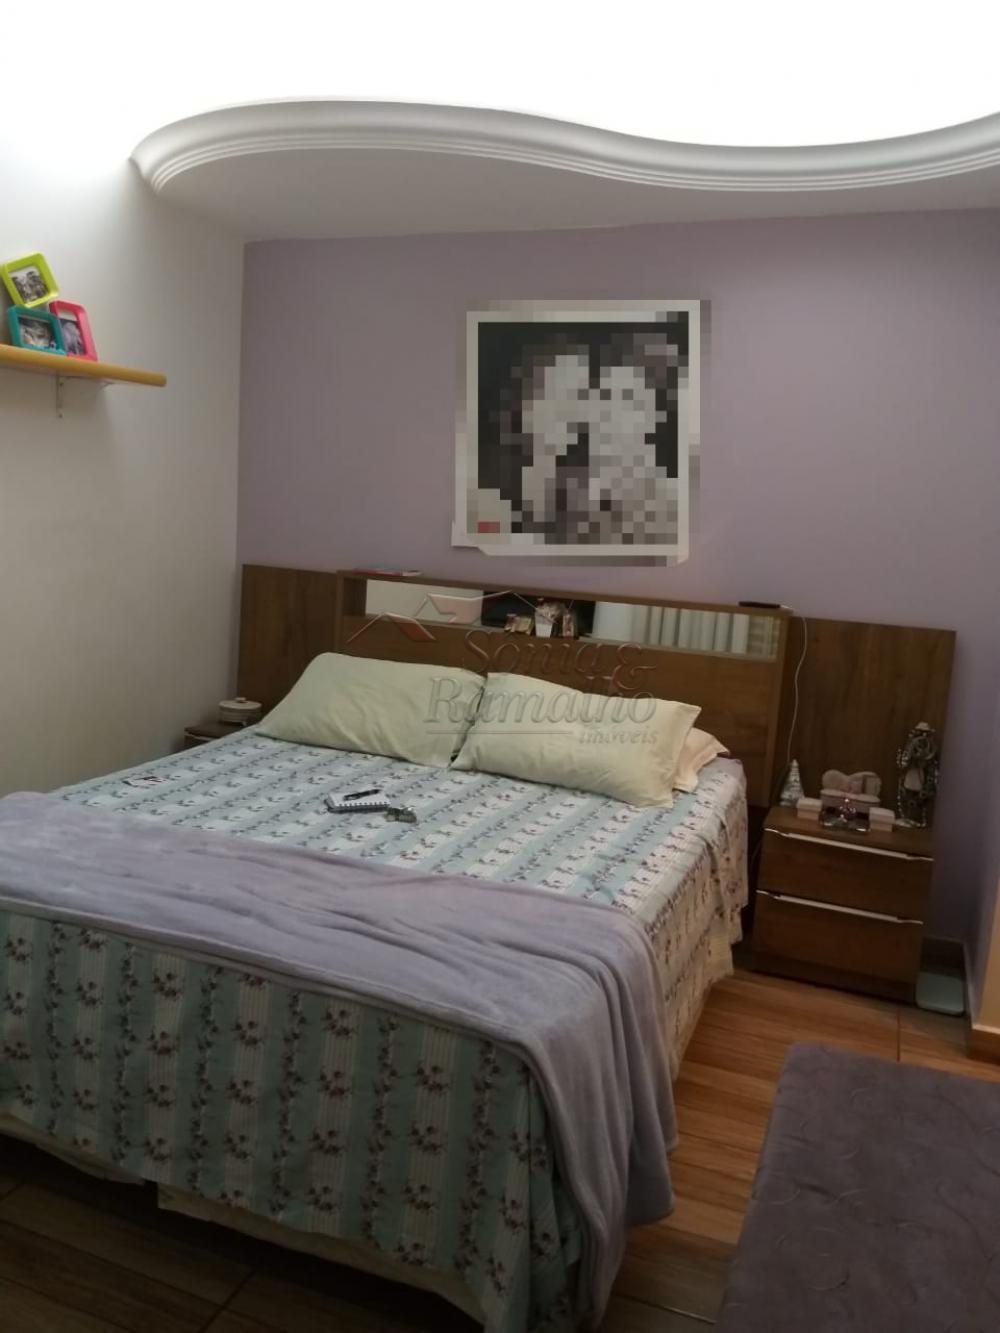 Comprar Apartamentos / Padrão em Ribeirão Preto apenas R$ 196.000,00 - Foto 13